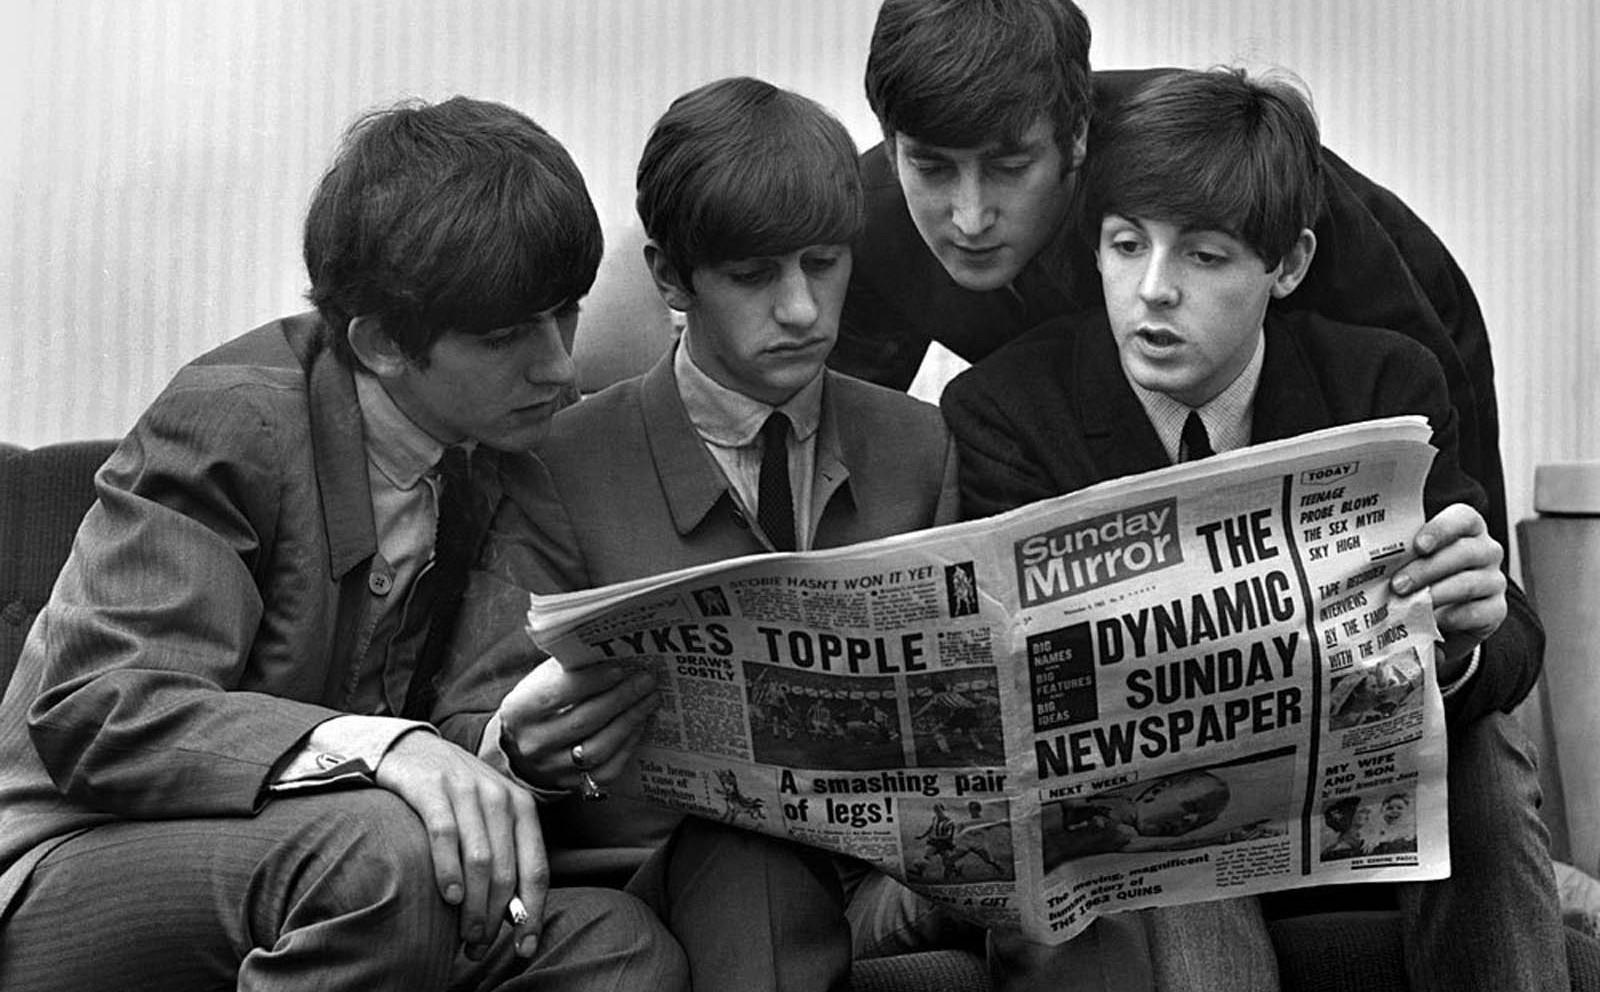 """Subastarán la partitura de """"Eleonor Rigby"""" de los Beatles"""